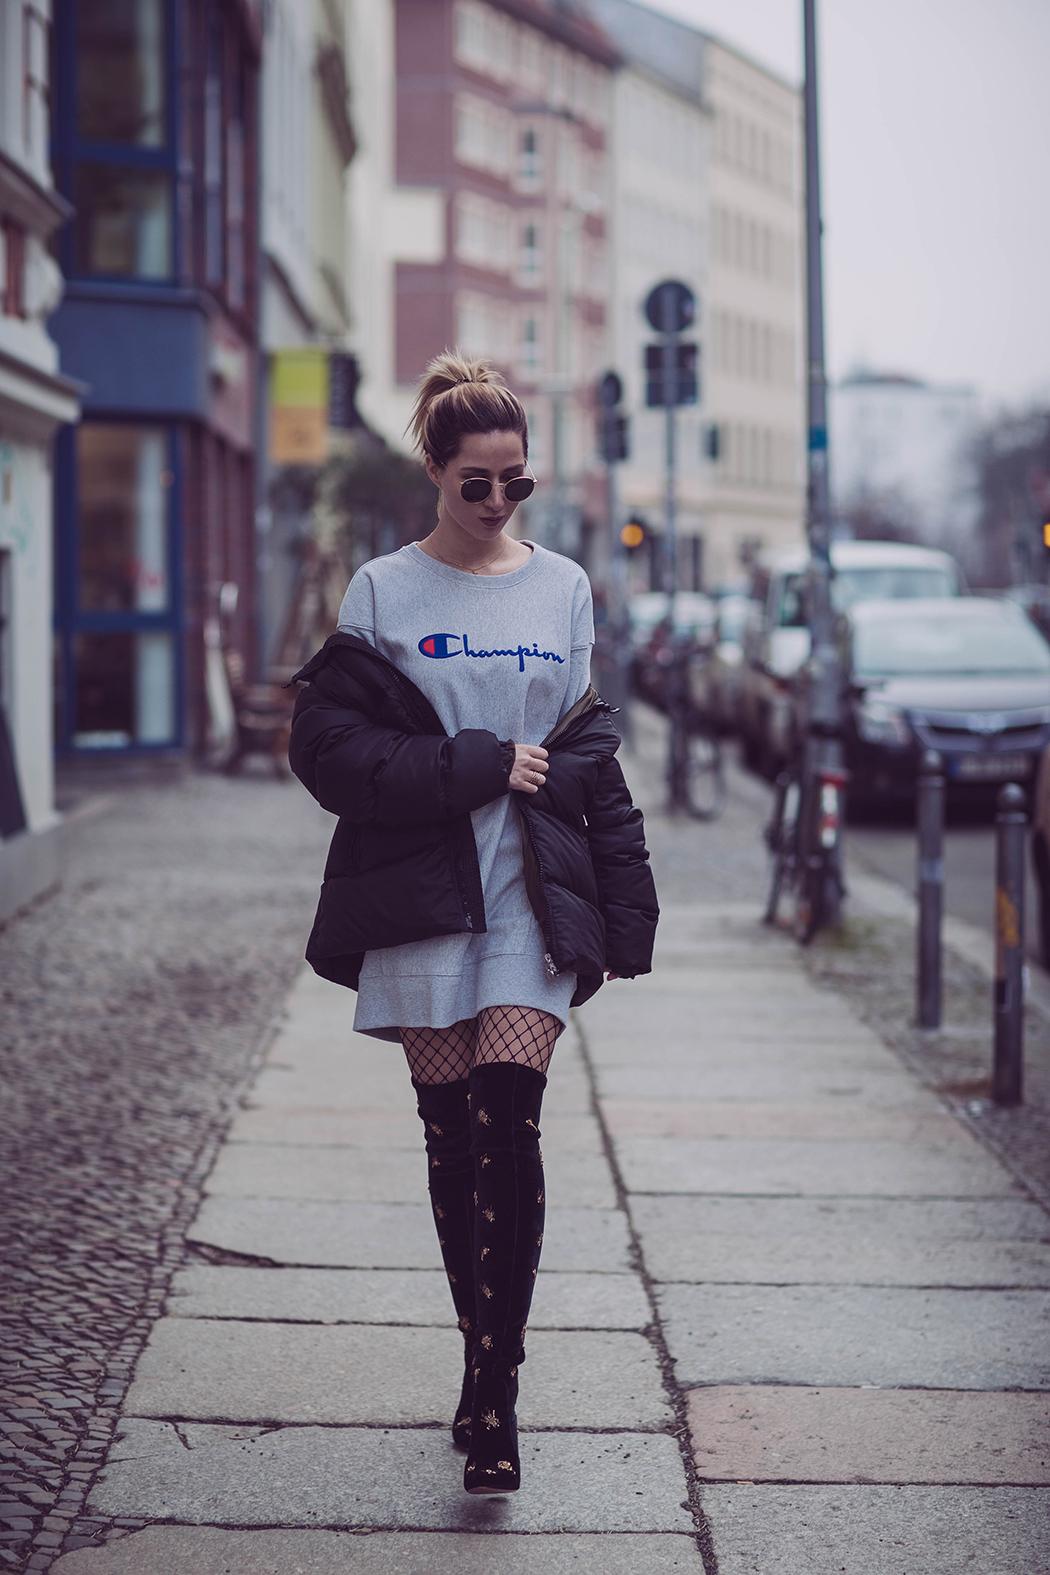 Fashionblog-Fashionblogger-Fashion-Blog-Blogger-Muenchen-Deutschland-Streetstyle-Mode-Fashion-Week-Berlin-2017-Lindarella20170120_05